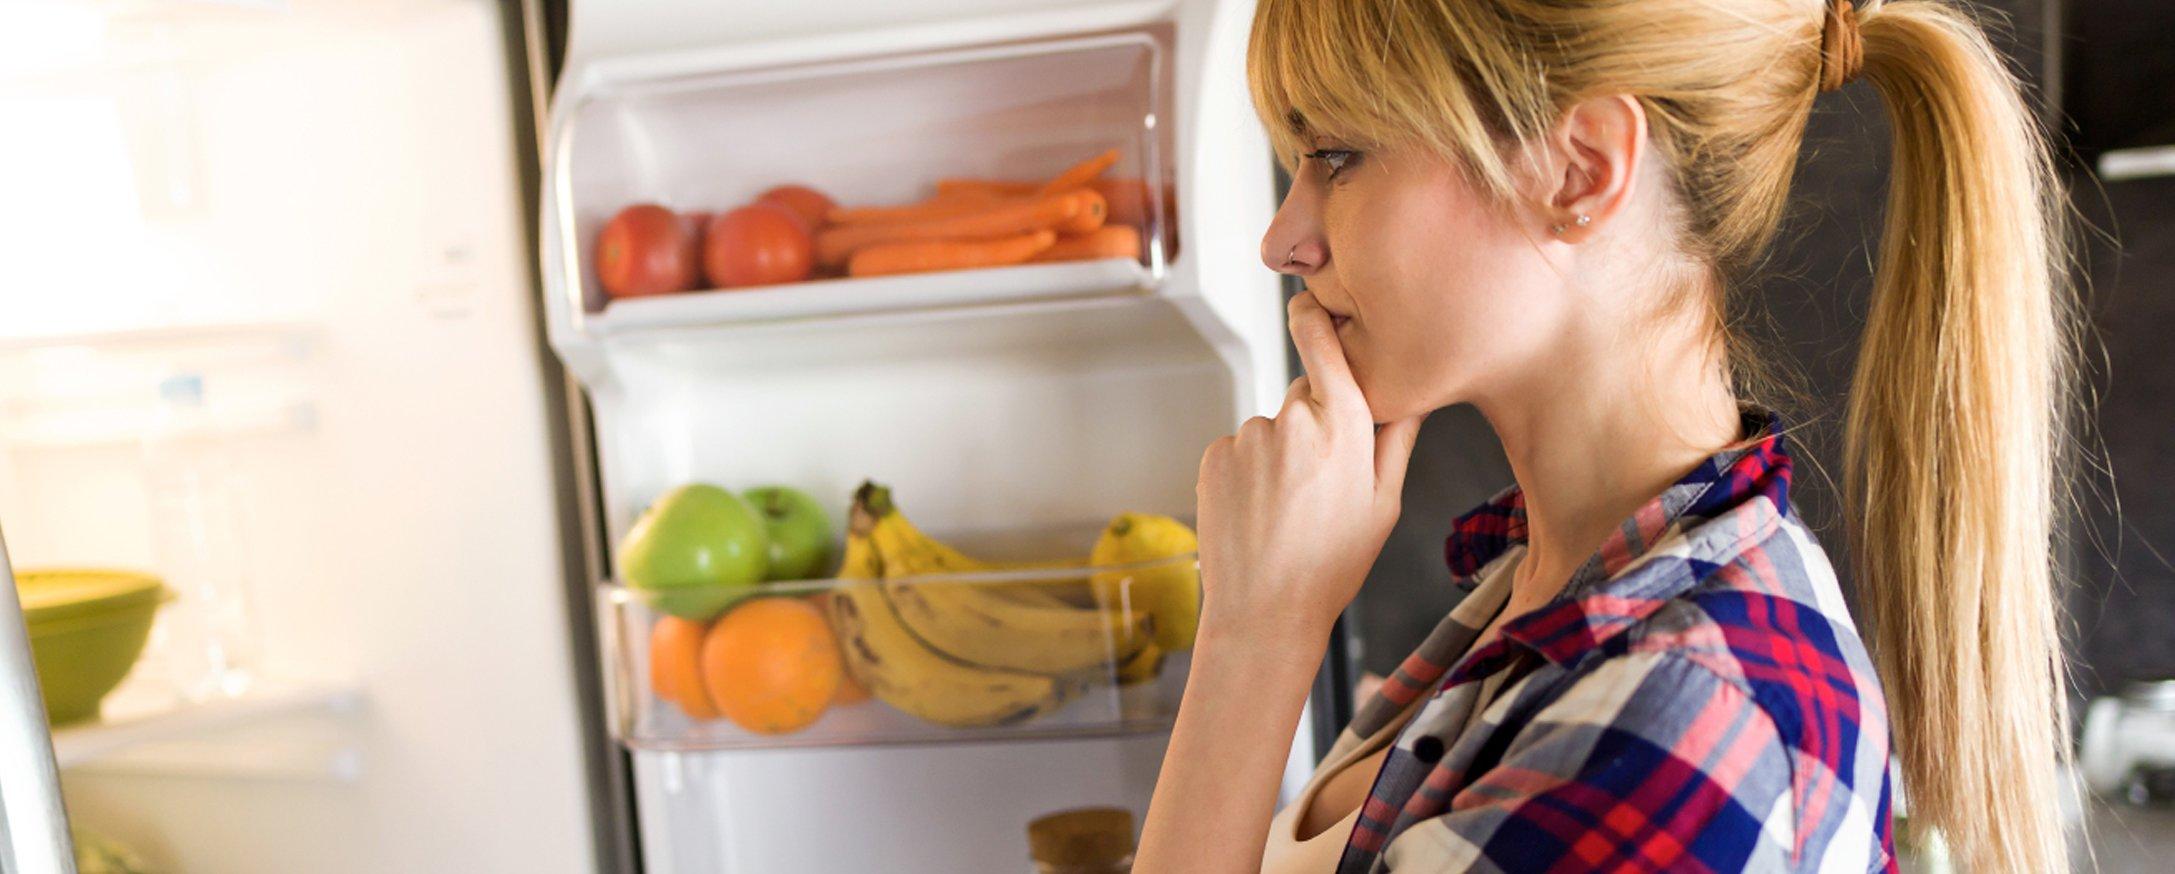 Recambios para frigorificos en Madrid